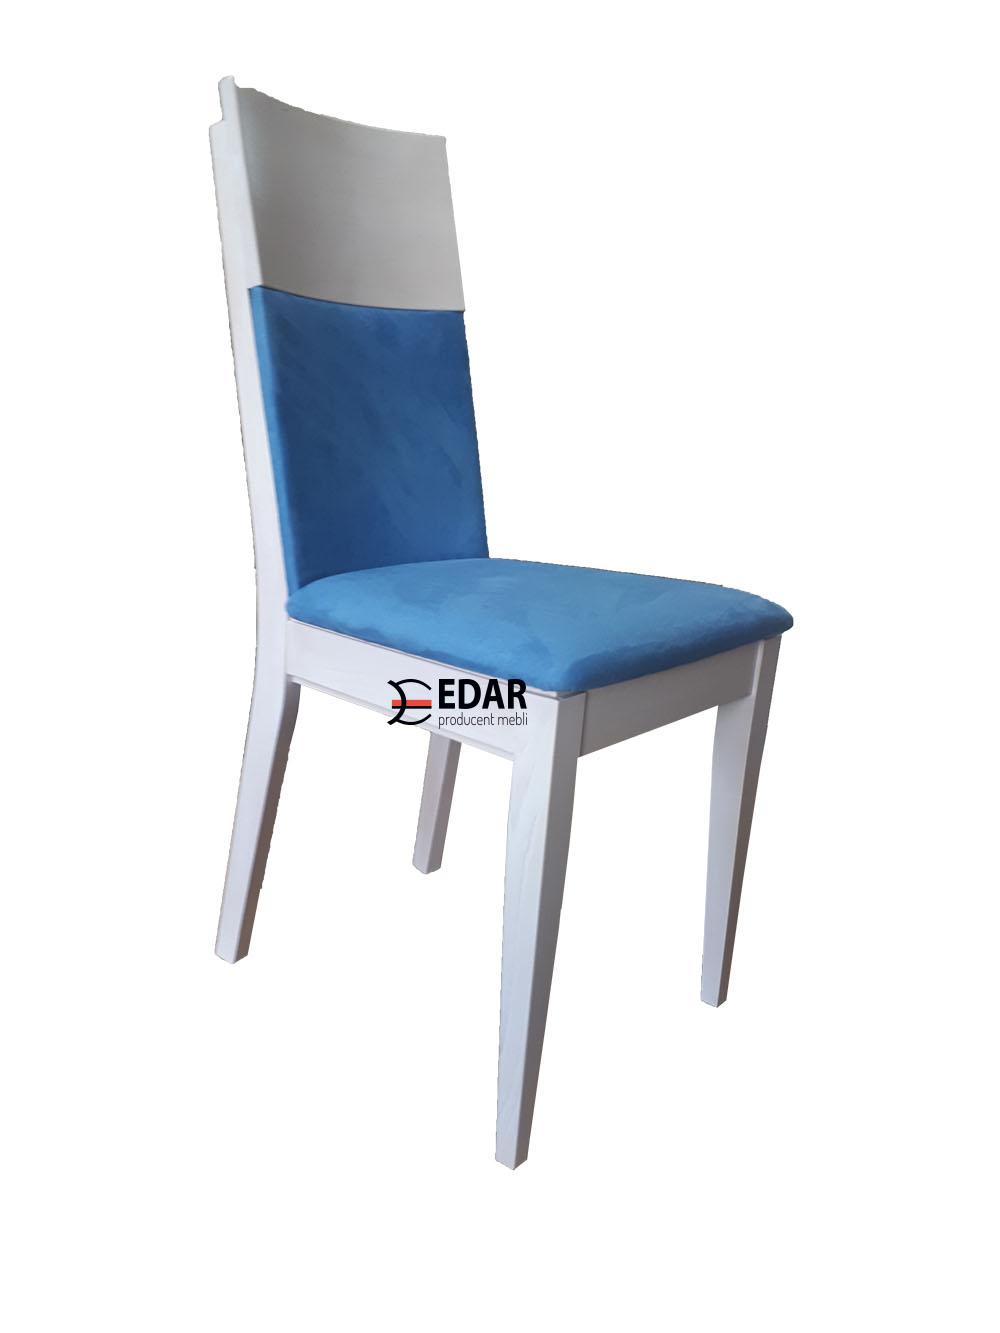 krzesło bukowe Spring k4